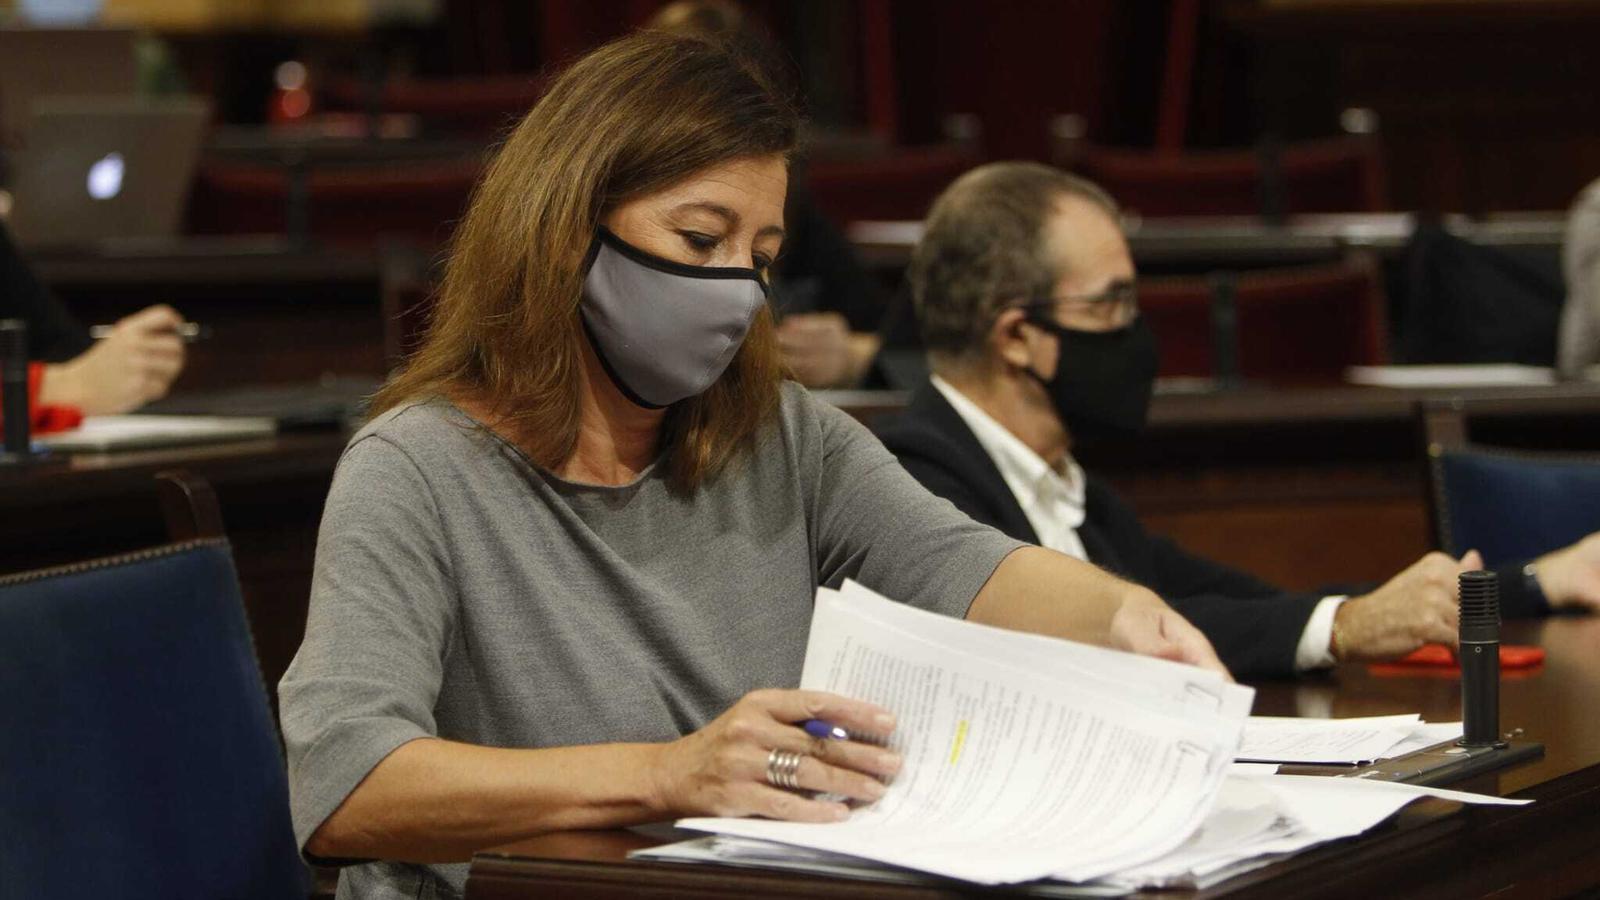 S'acumulen els indicis que situen Francina Armengol en un bar incomplint les restriccions pel coronavirus